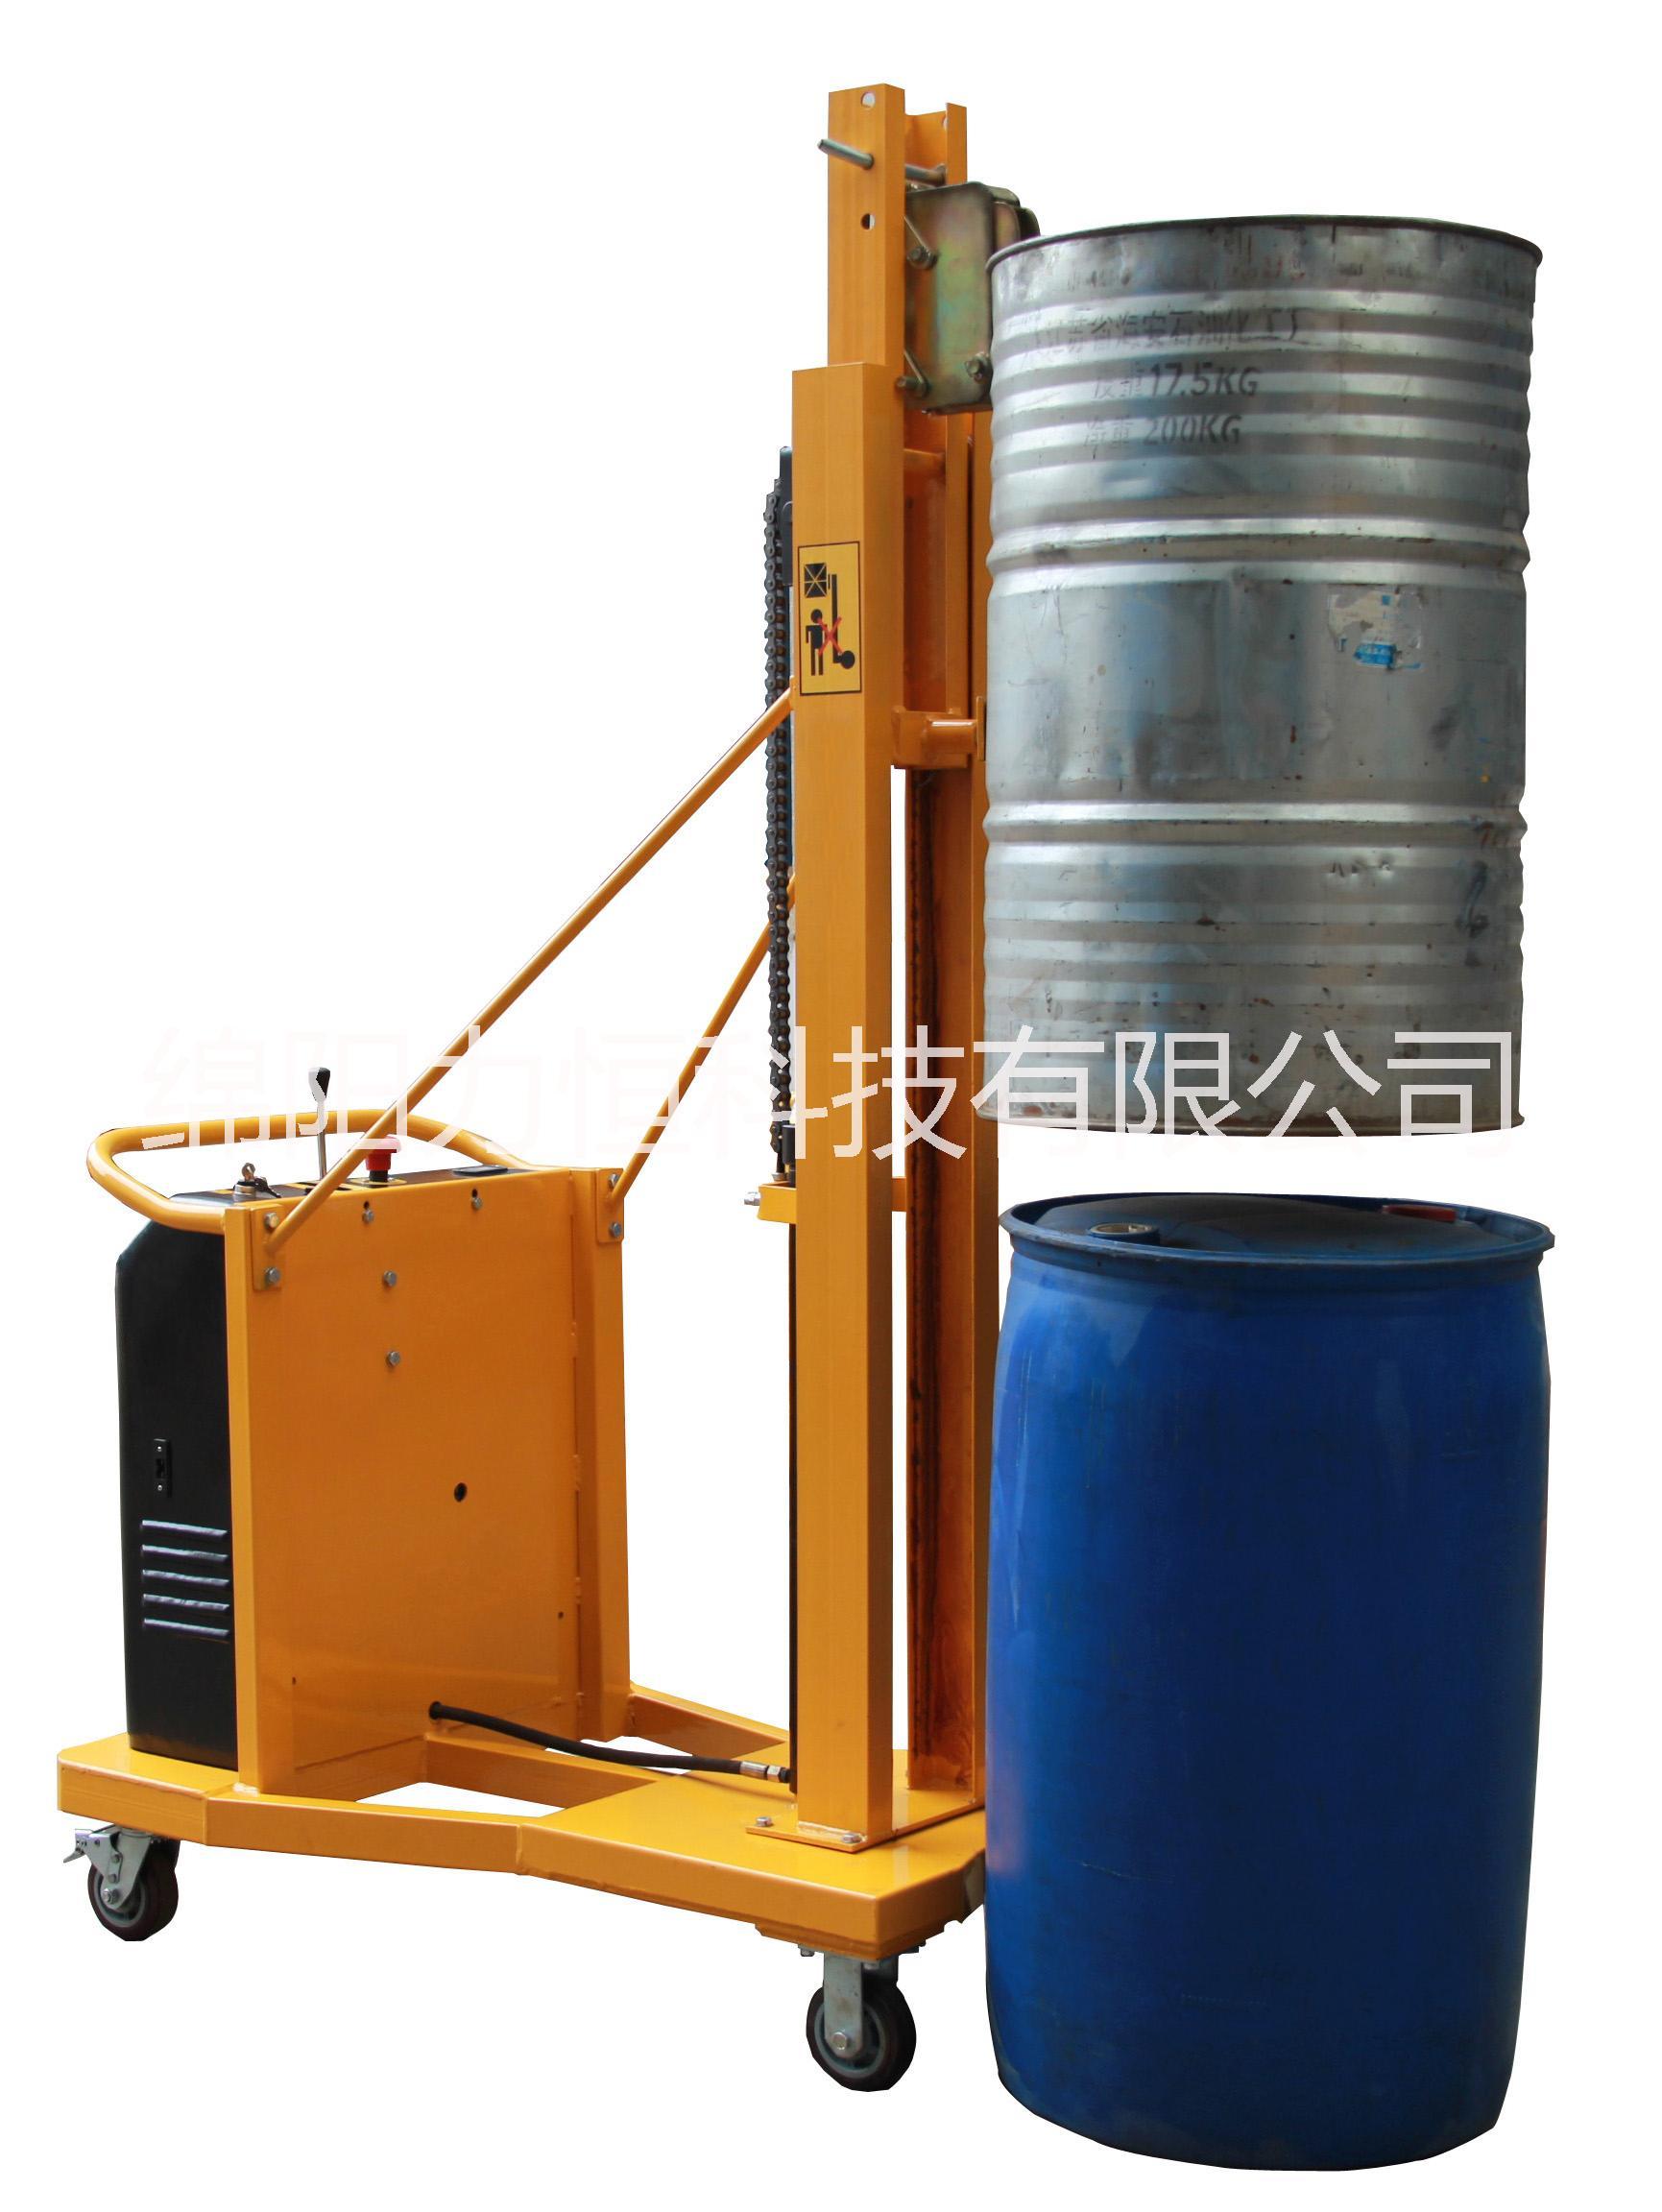 鹰嘴式油桶升高车 液压装卸车油桶搬运车 油桶搬运车